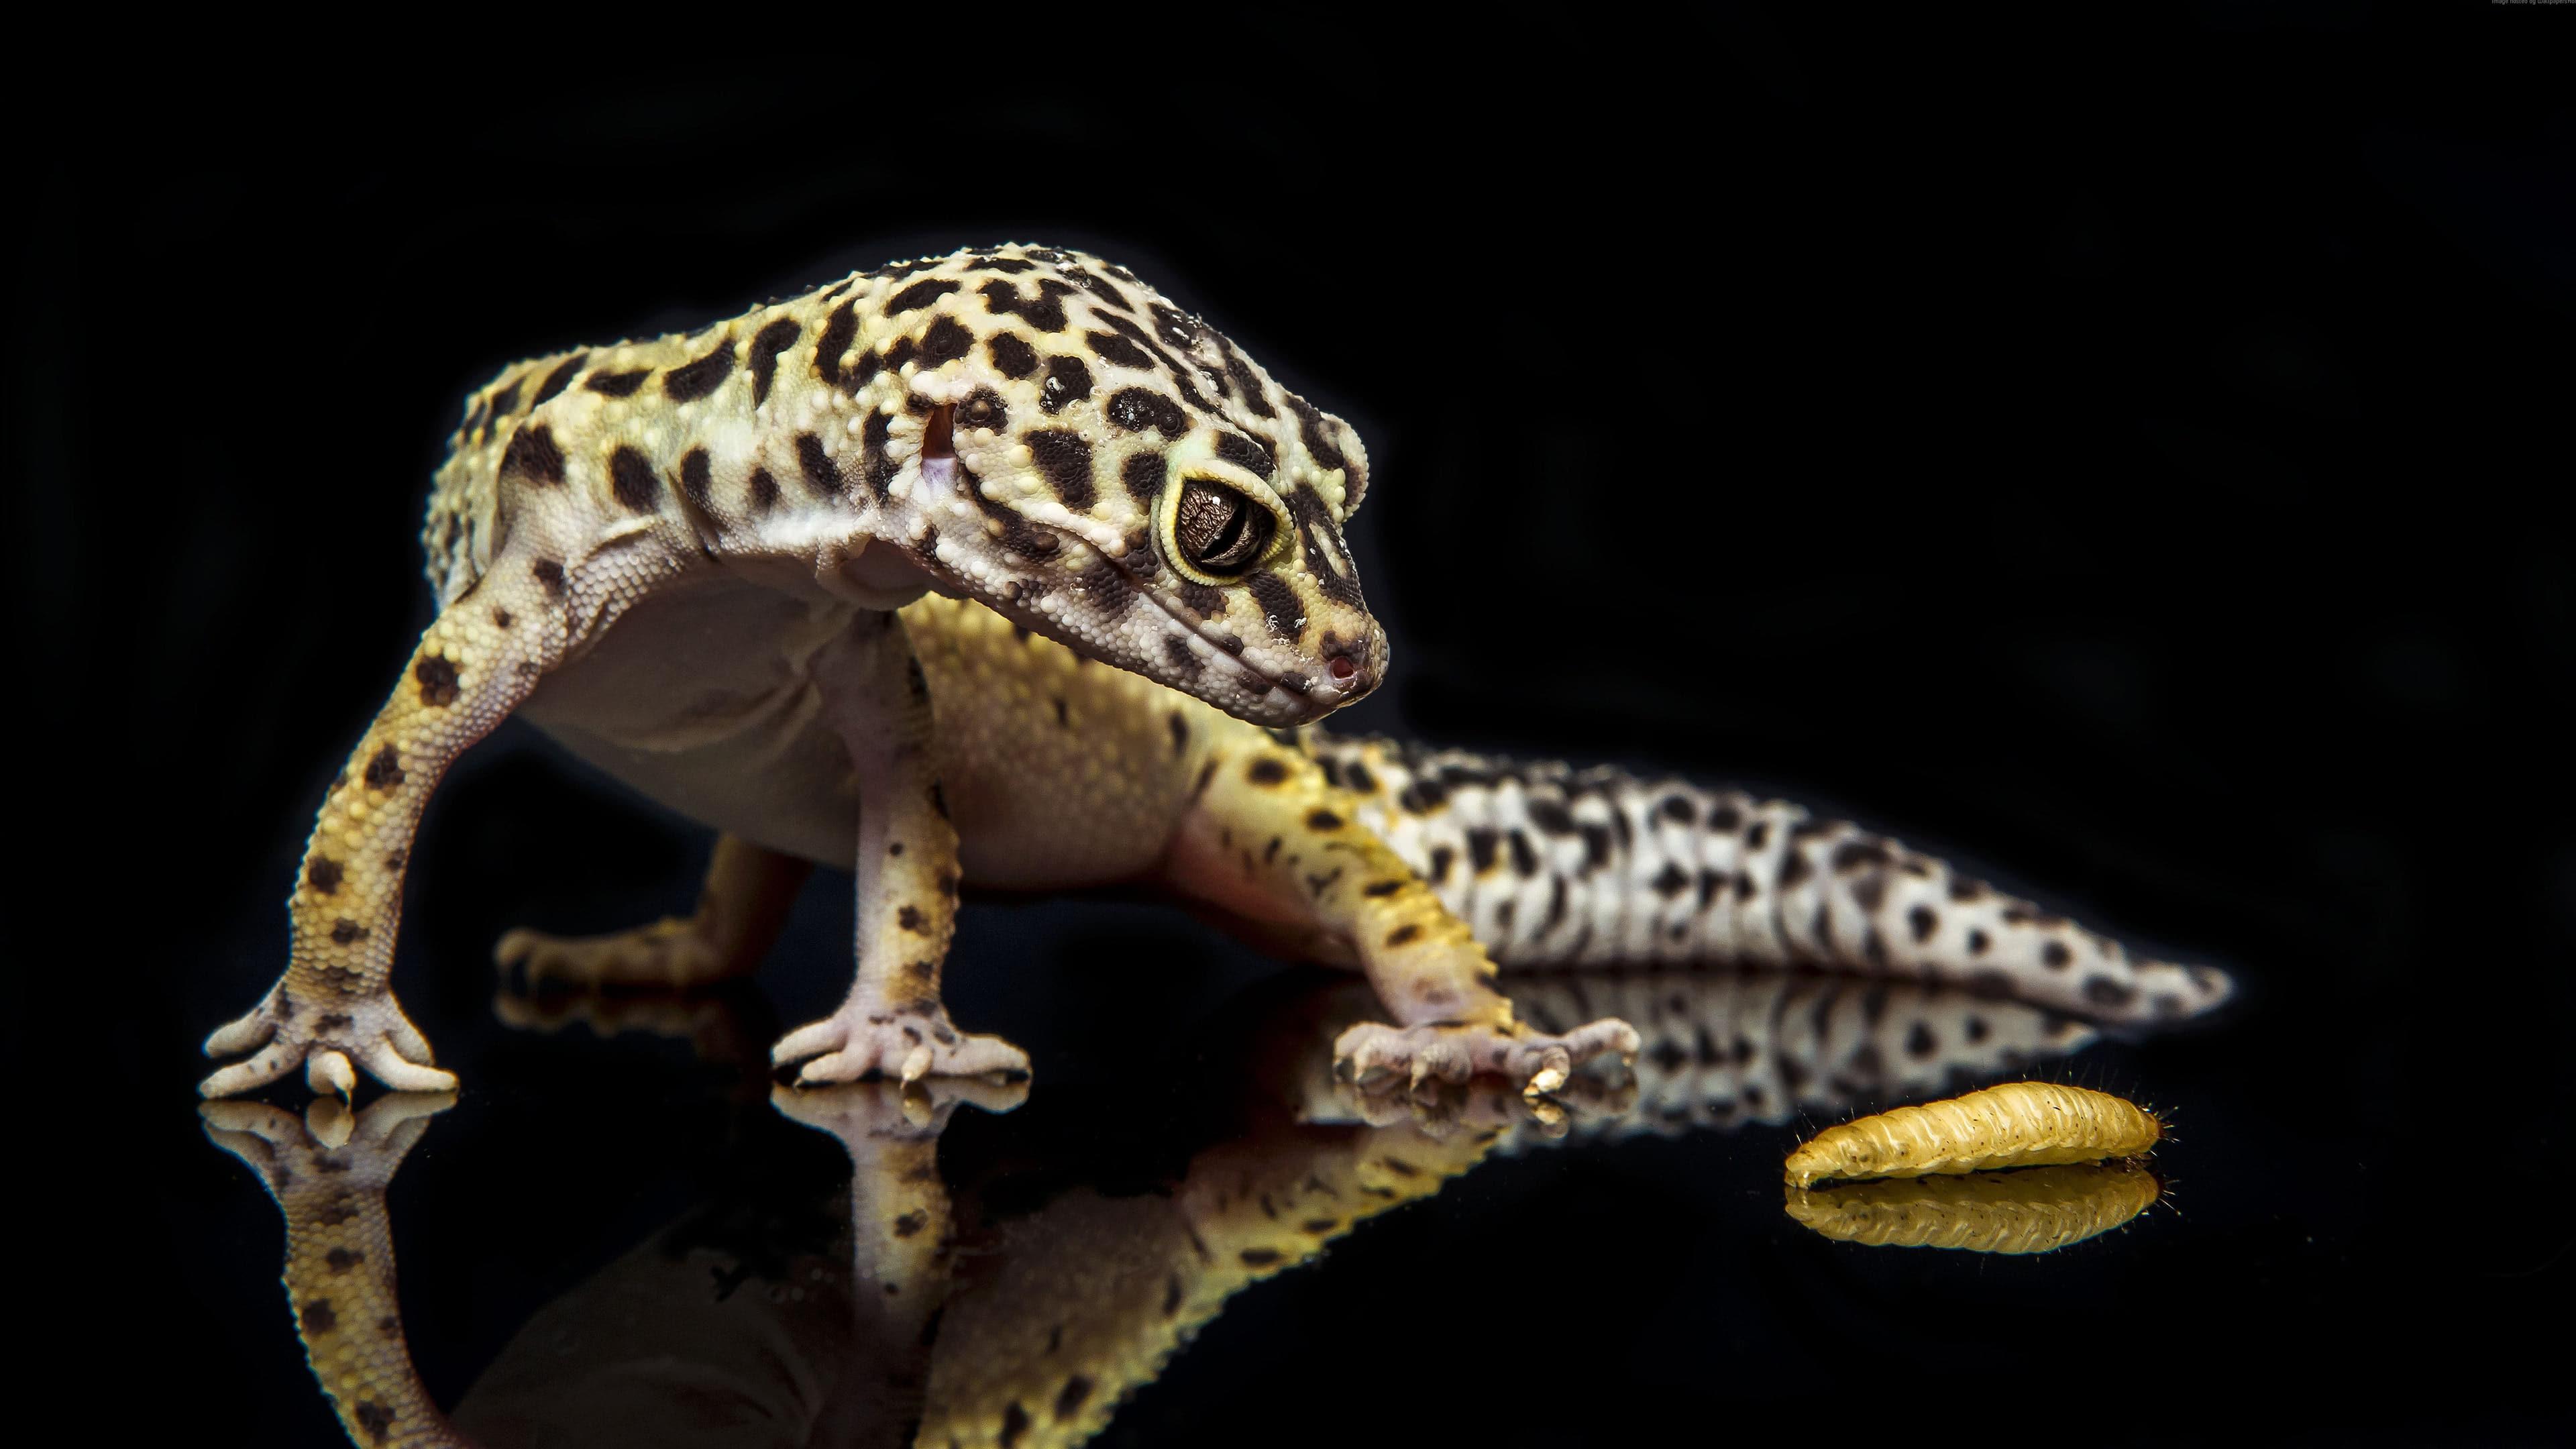 leopard gecko uhd 4k wallpaper